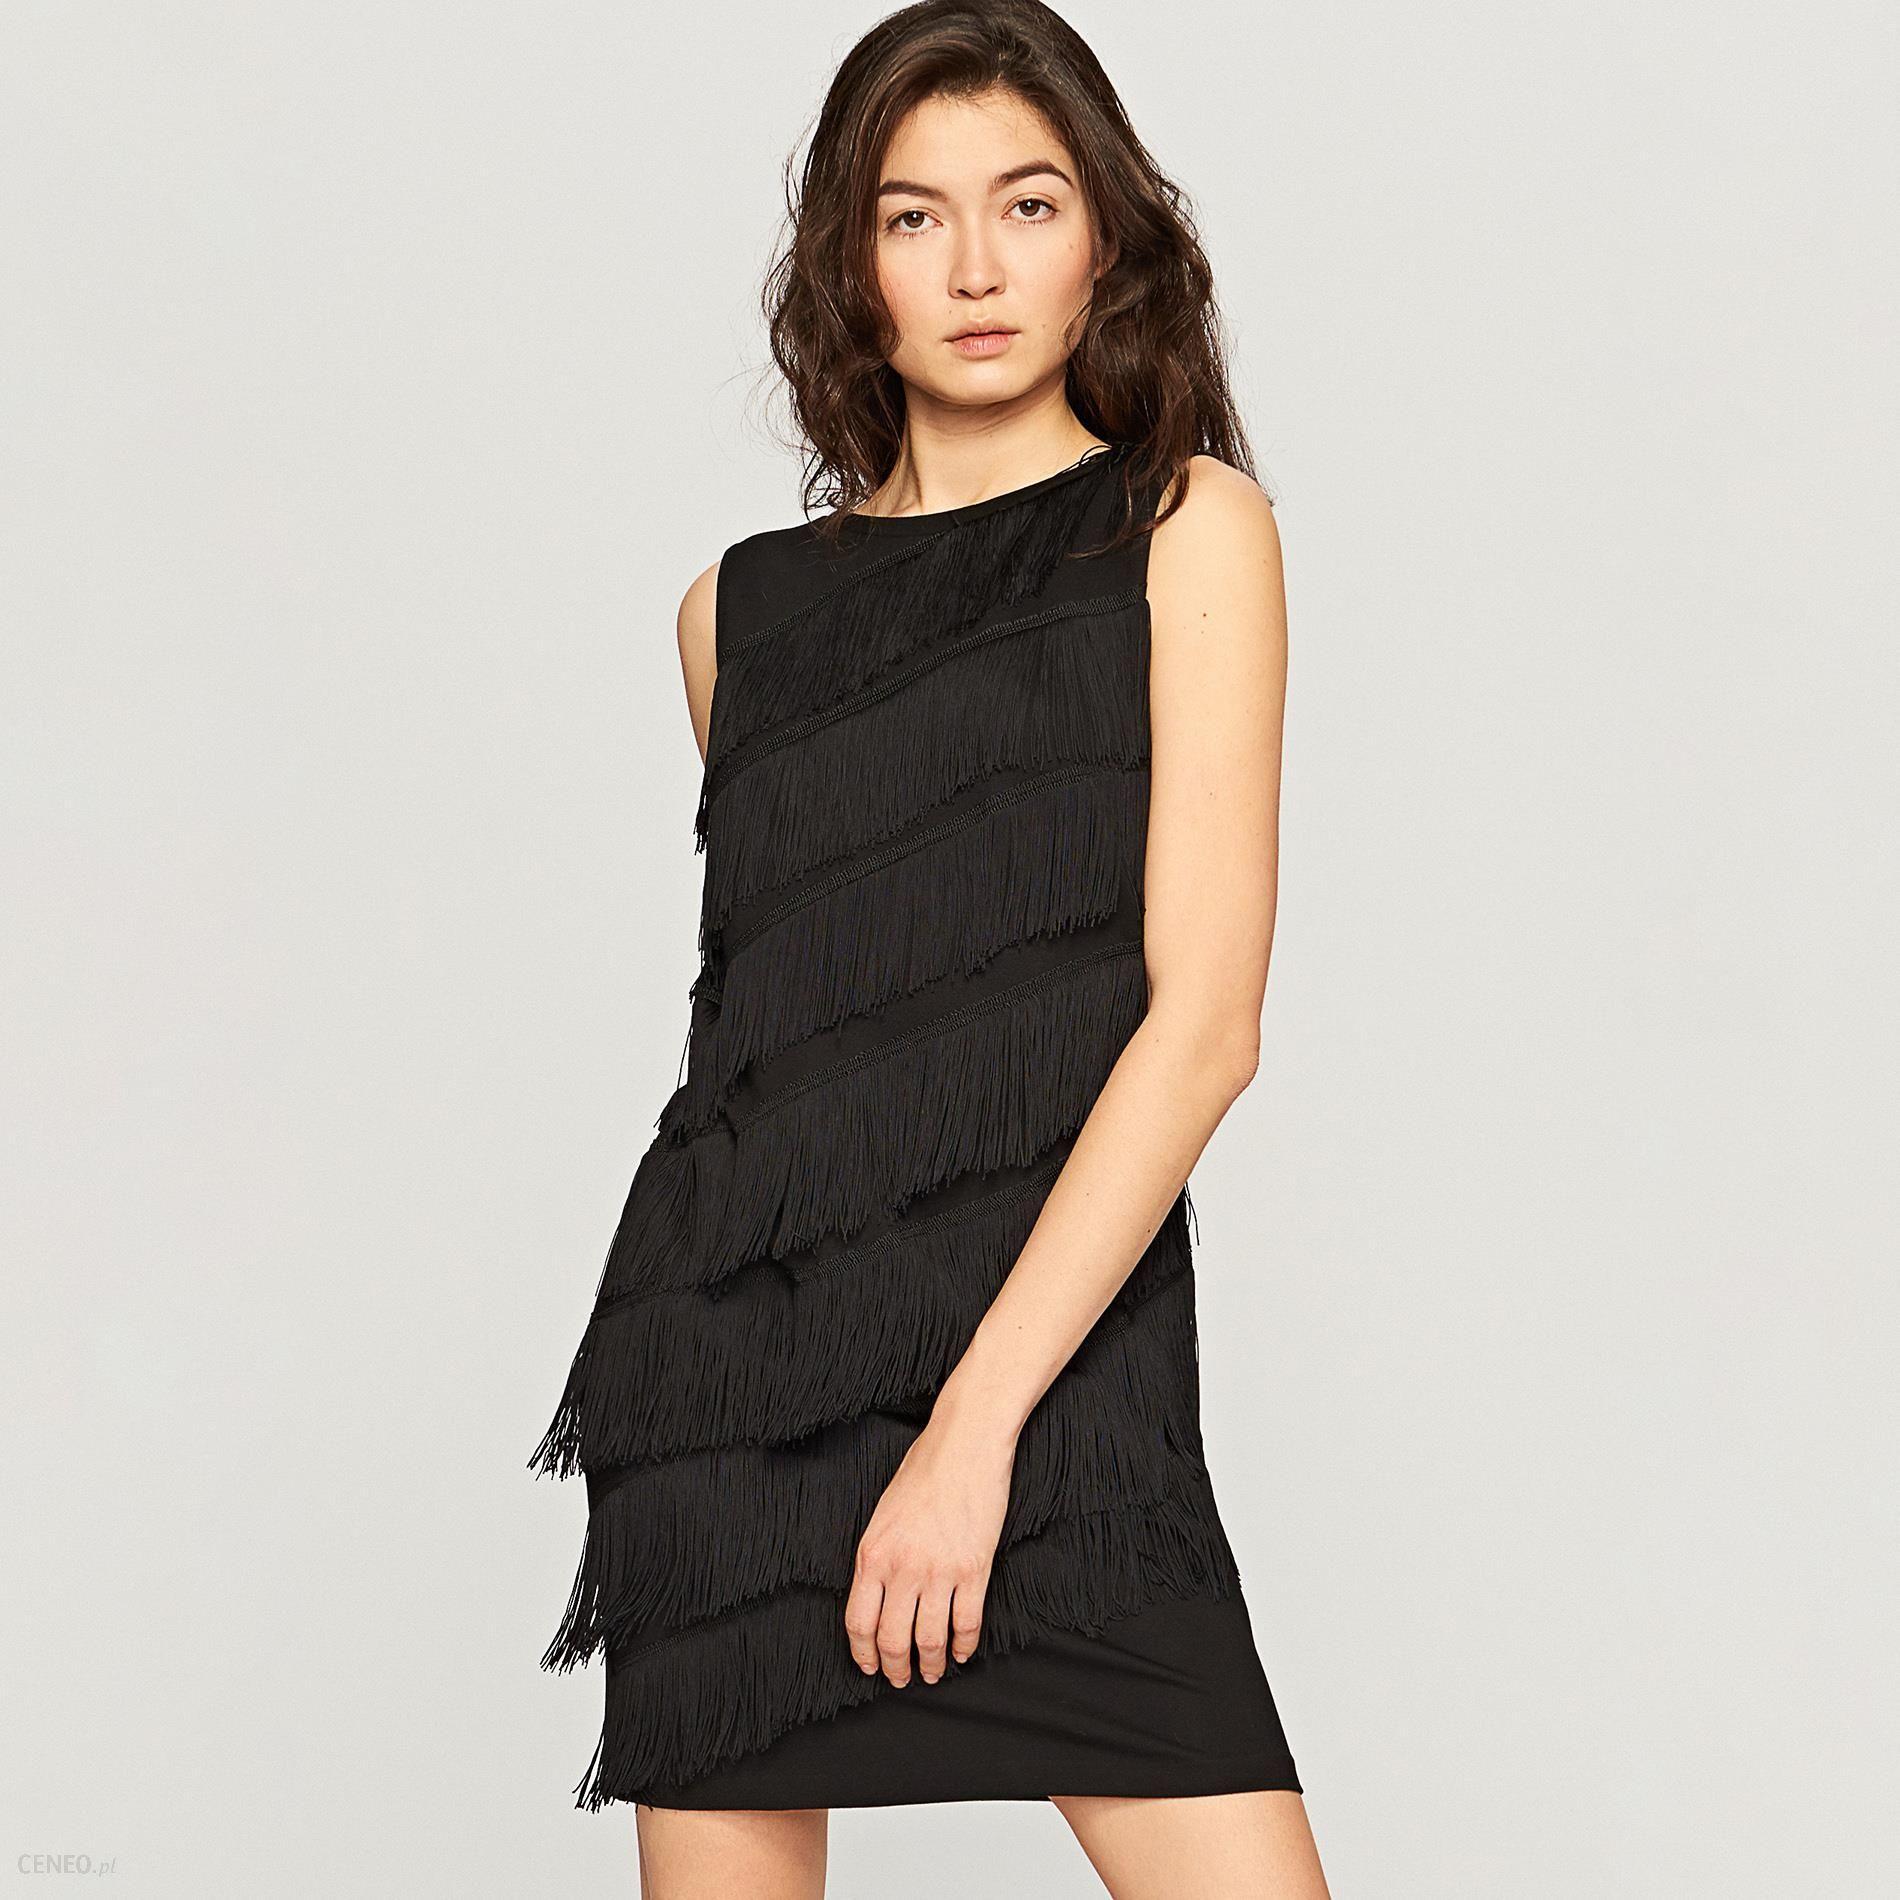 73b87bea18 Popularne obiekty Reserved - Sukienka z frędzlami - Czarny - Ceny i opinie  - Ceneo.